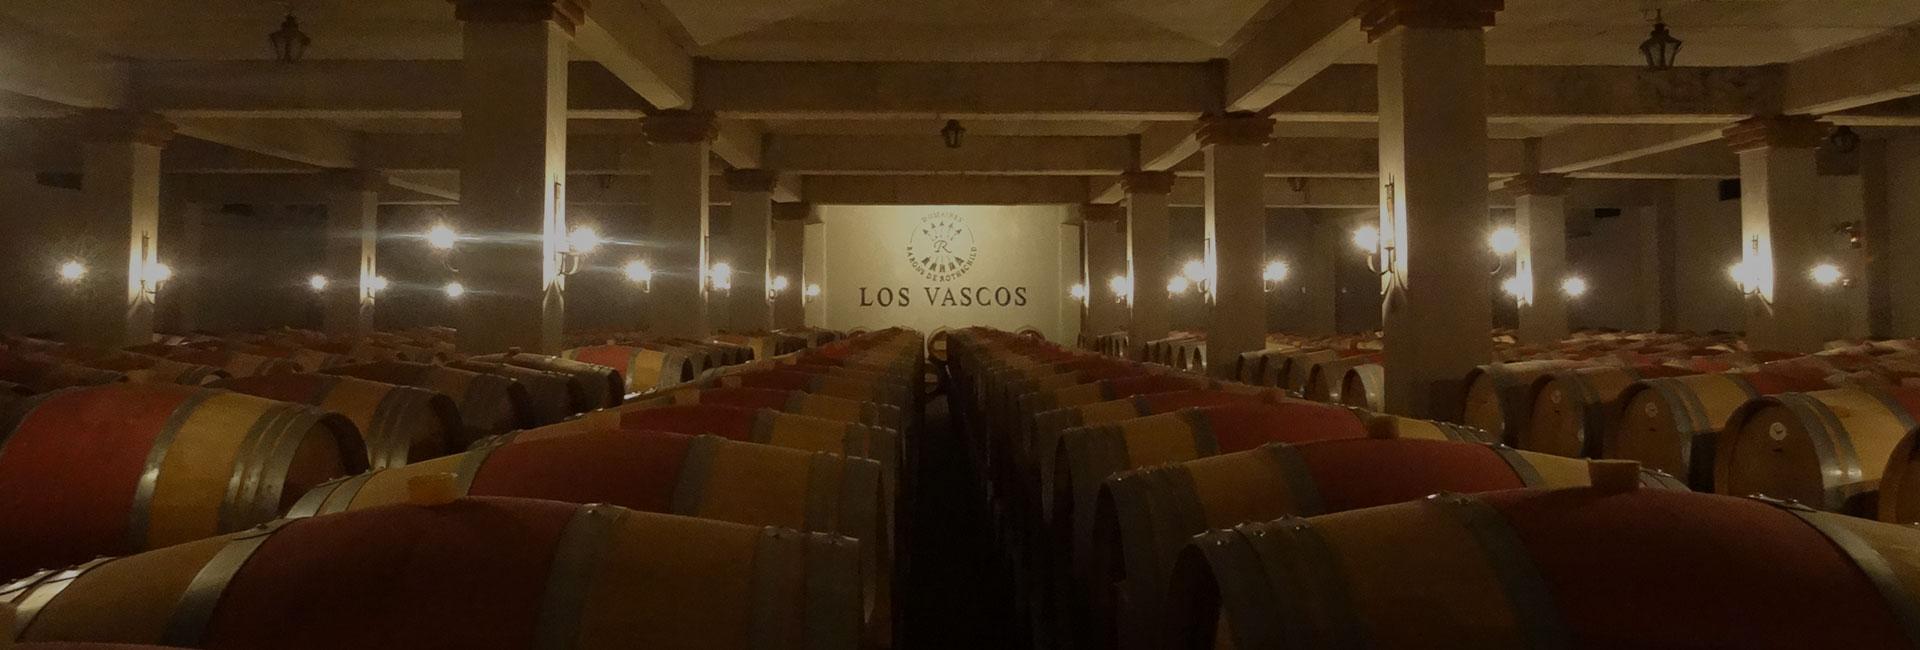 Los Vascos Header